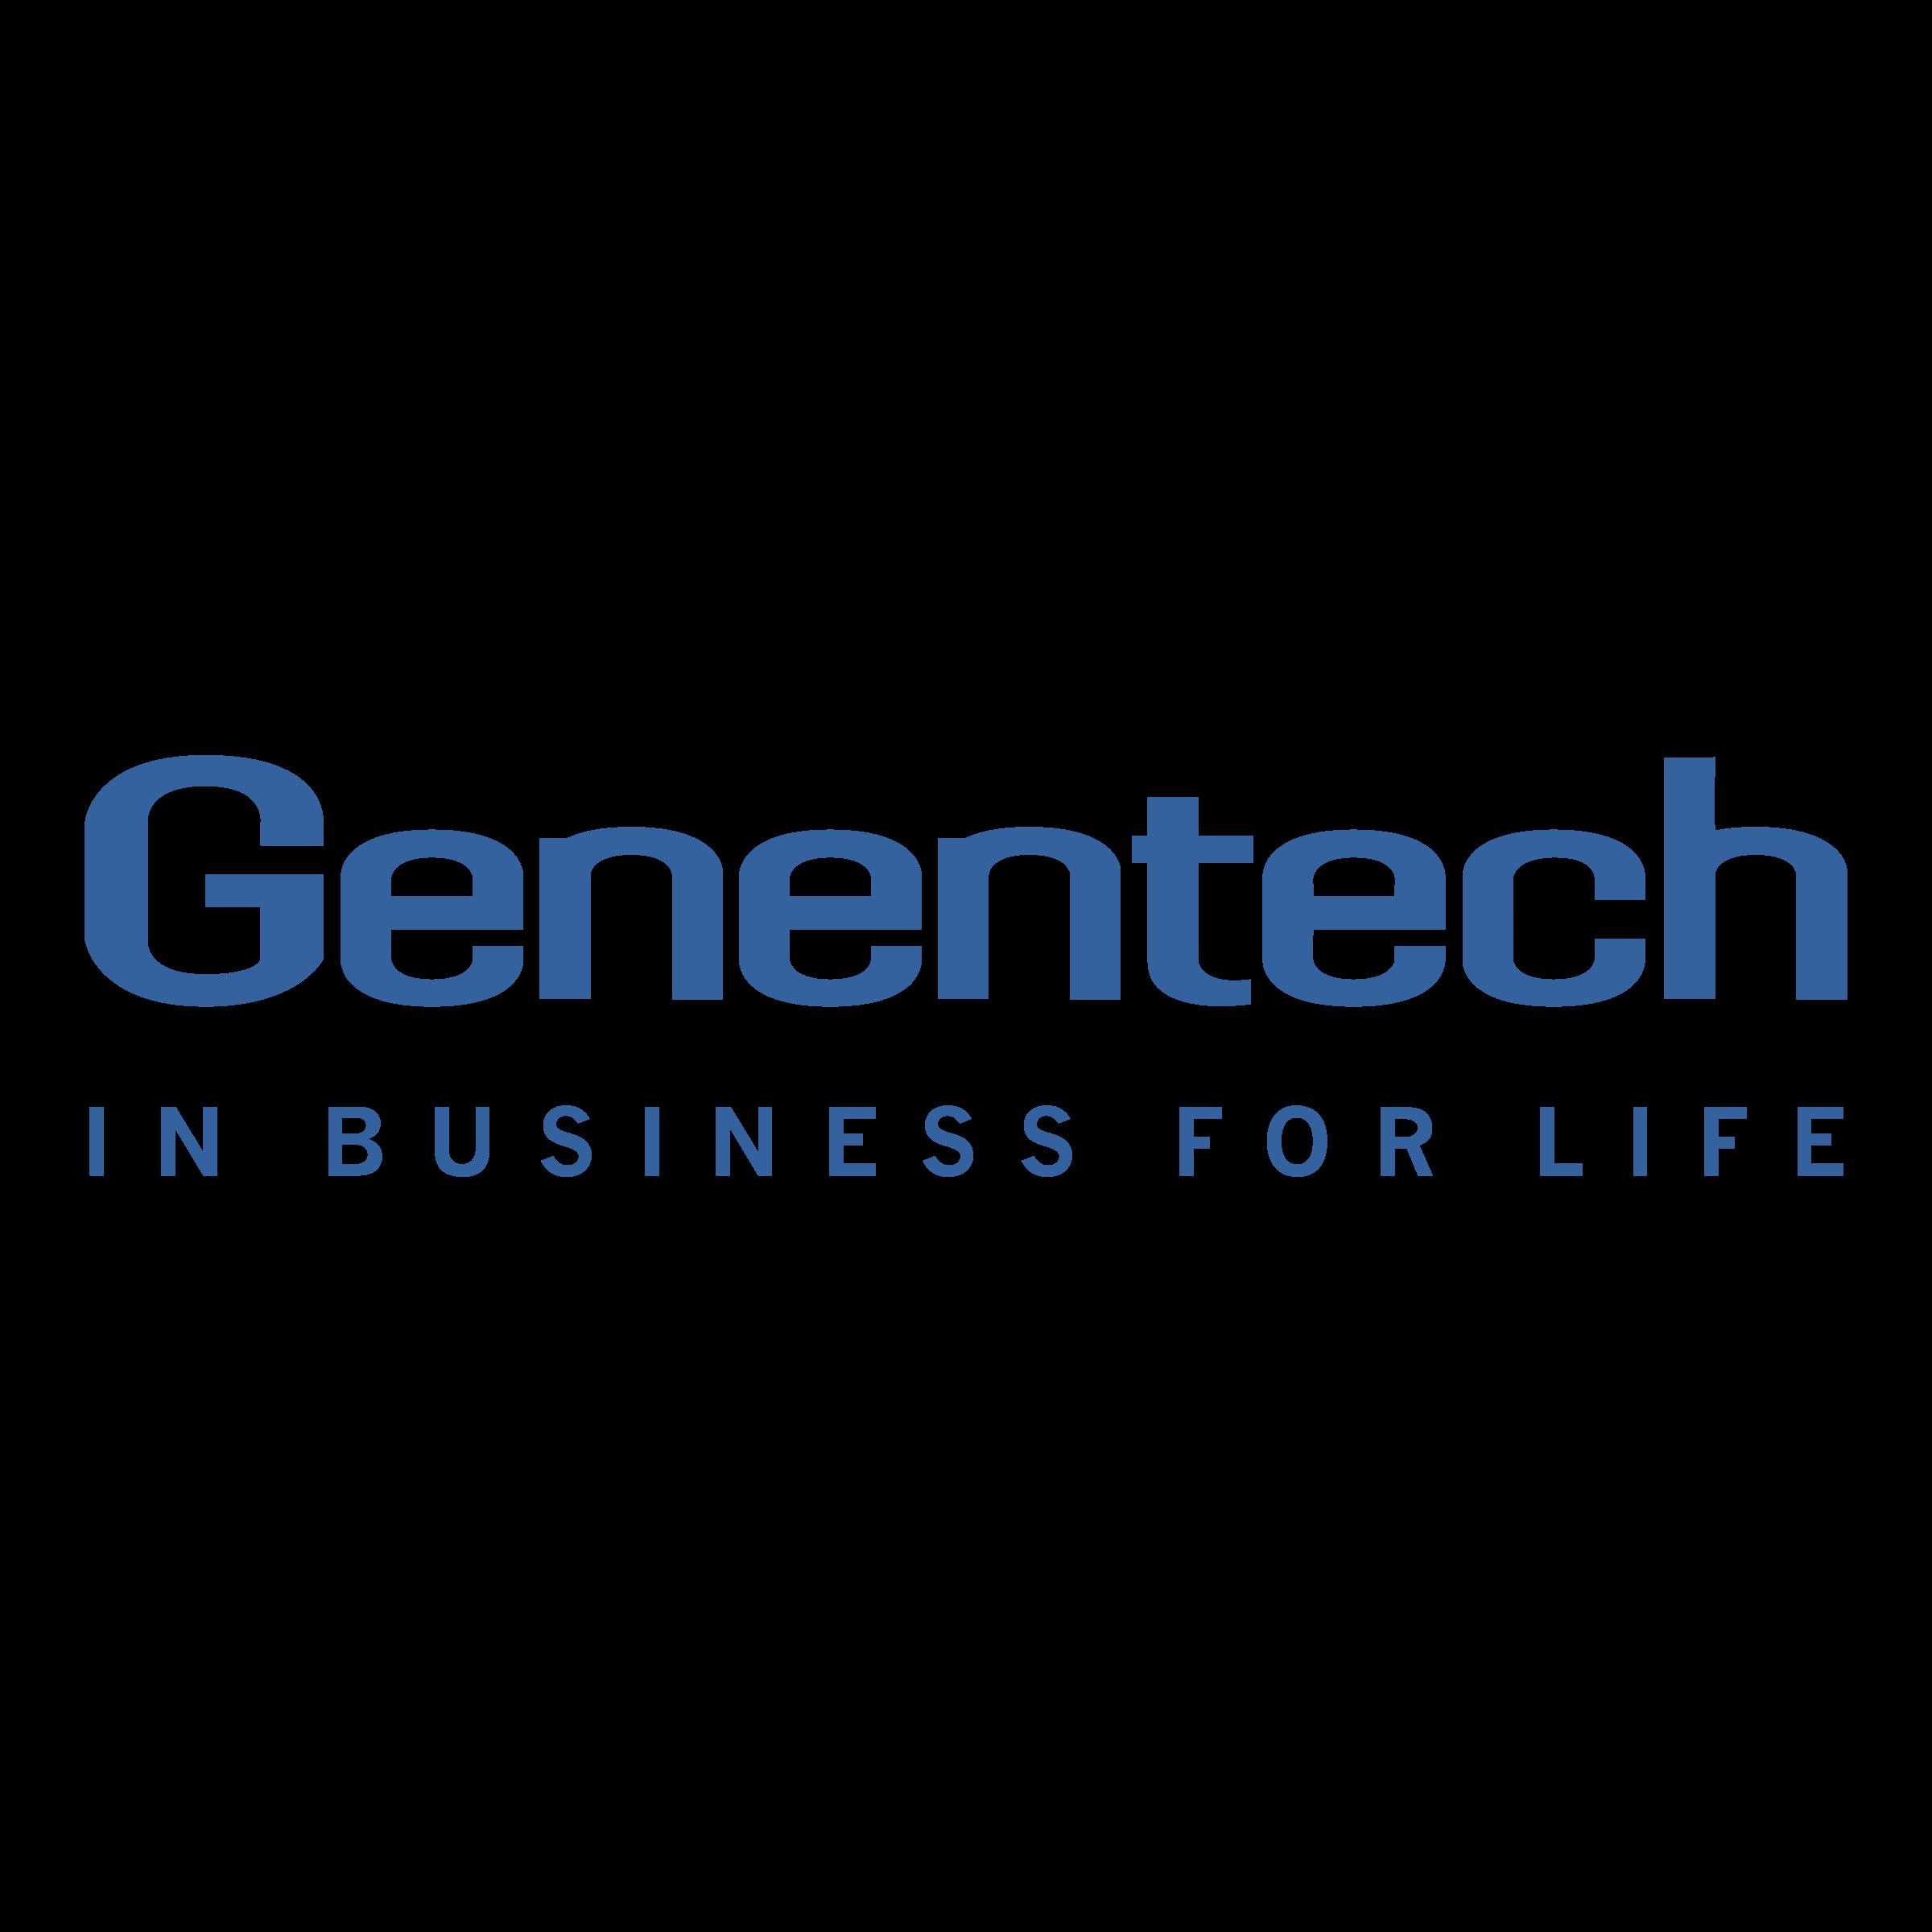 genentech-logo-png-transparent.png